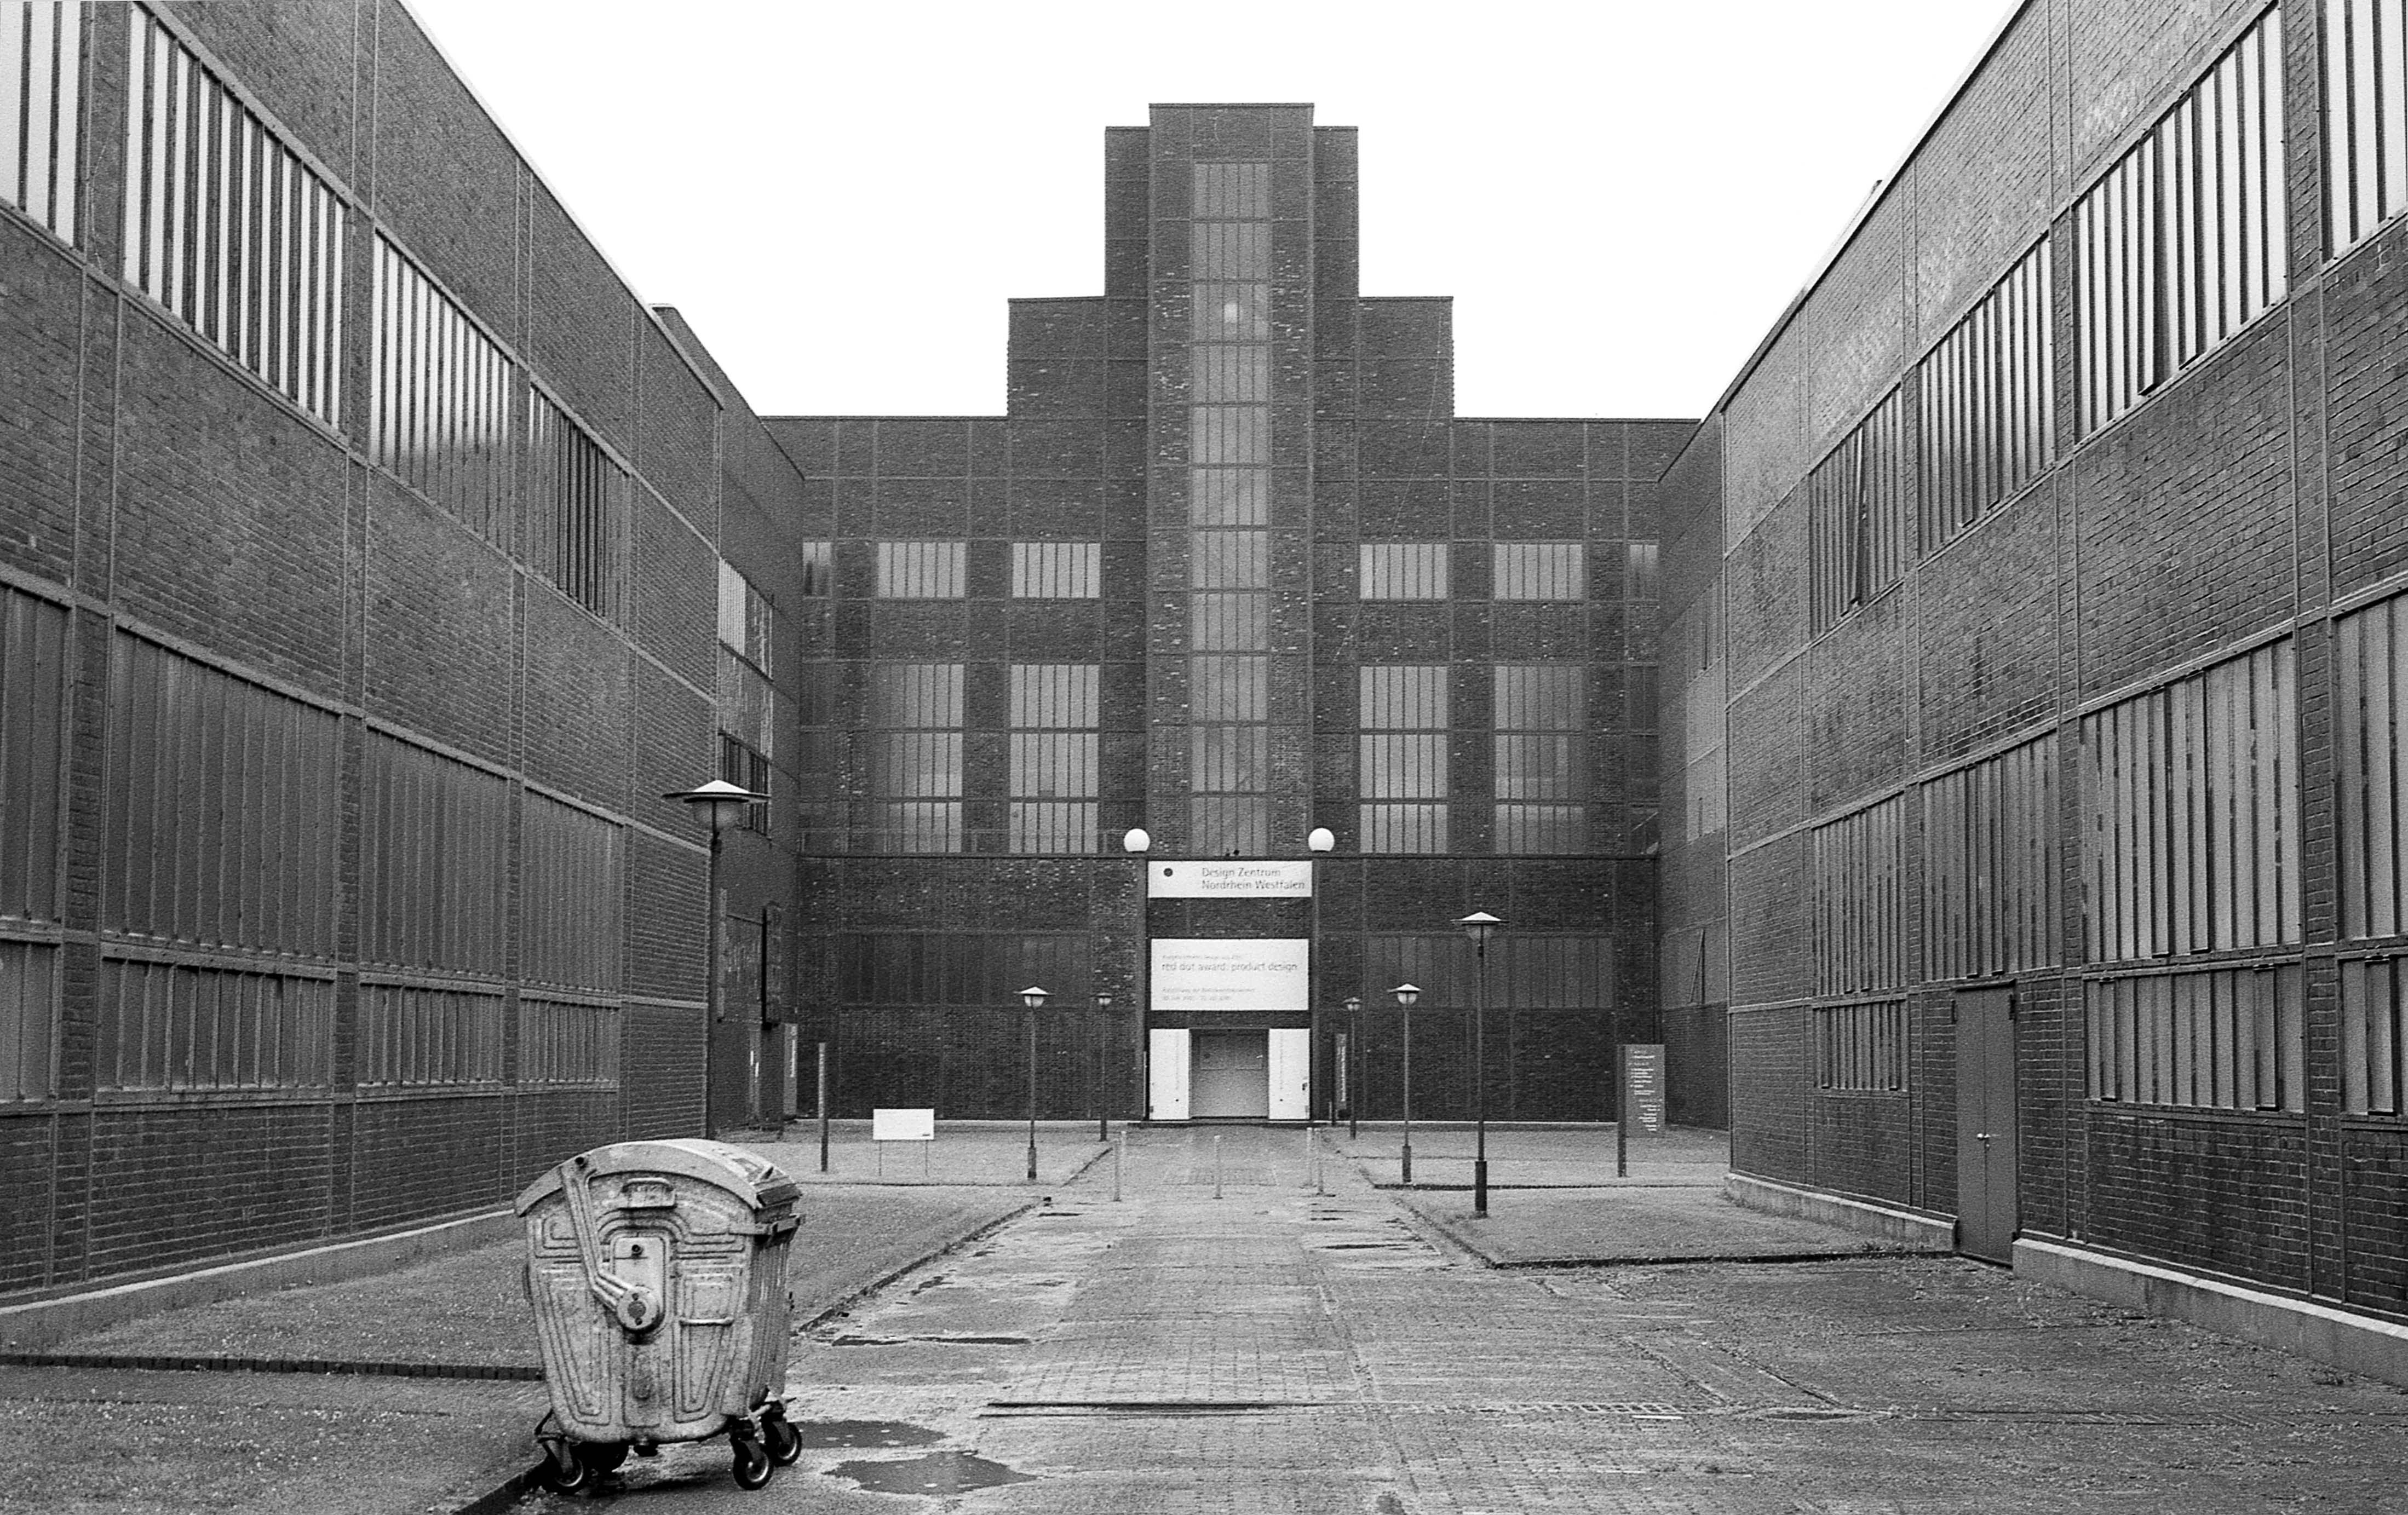 Zollverein Design Zentrum - Essen, Germany - 2001